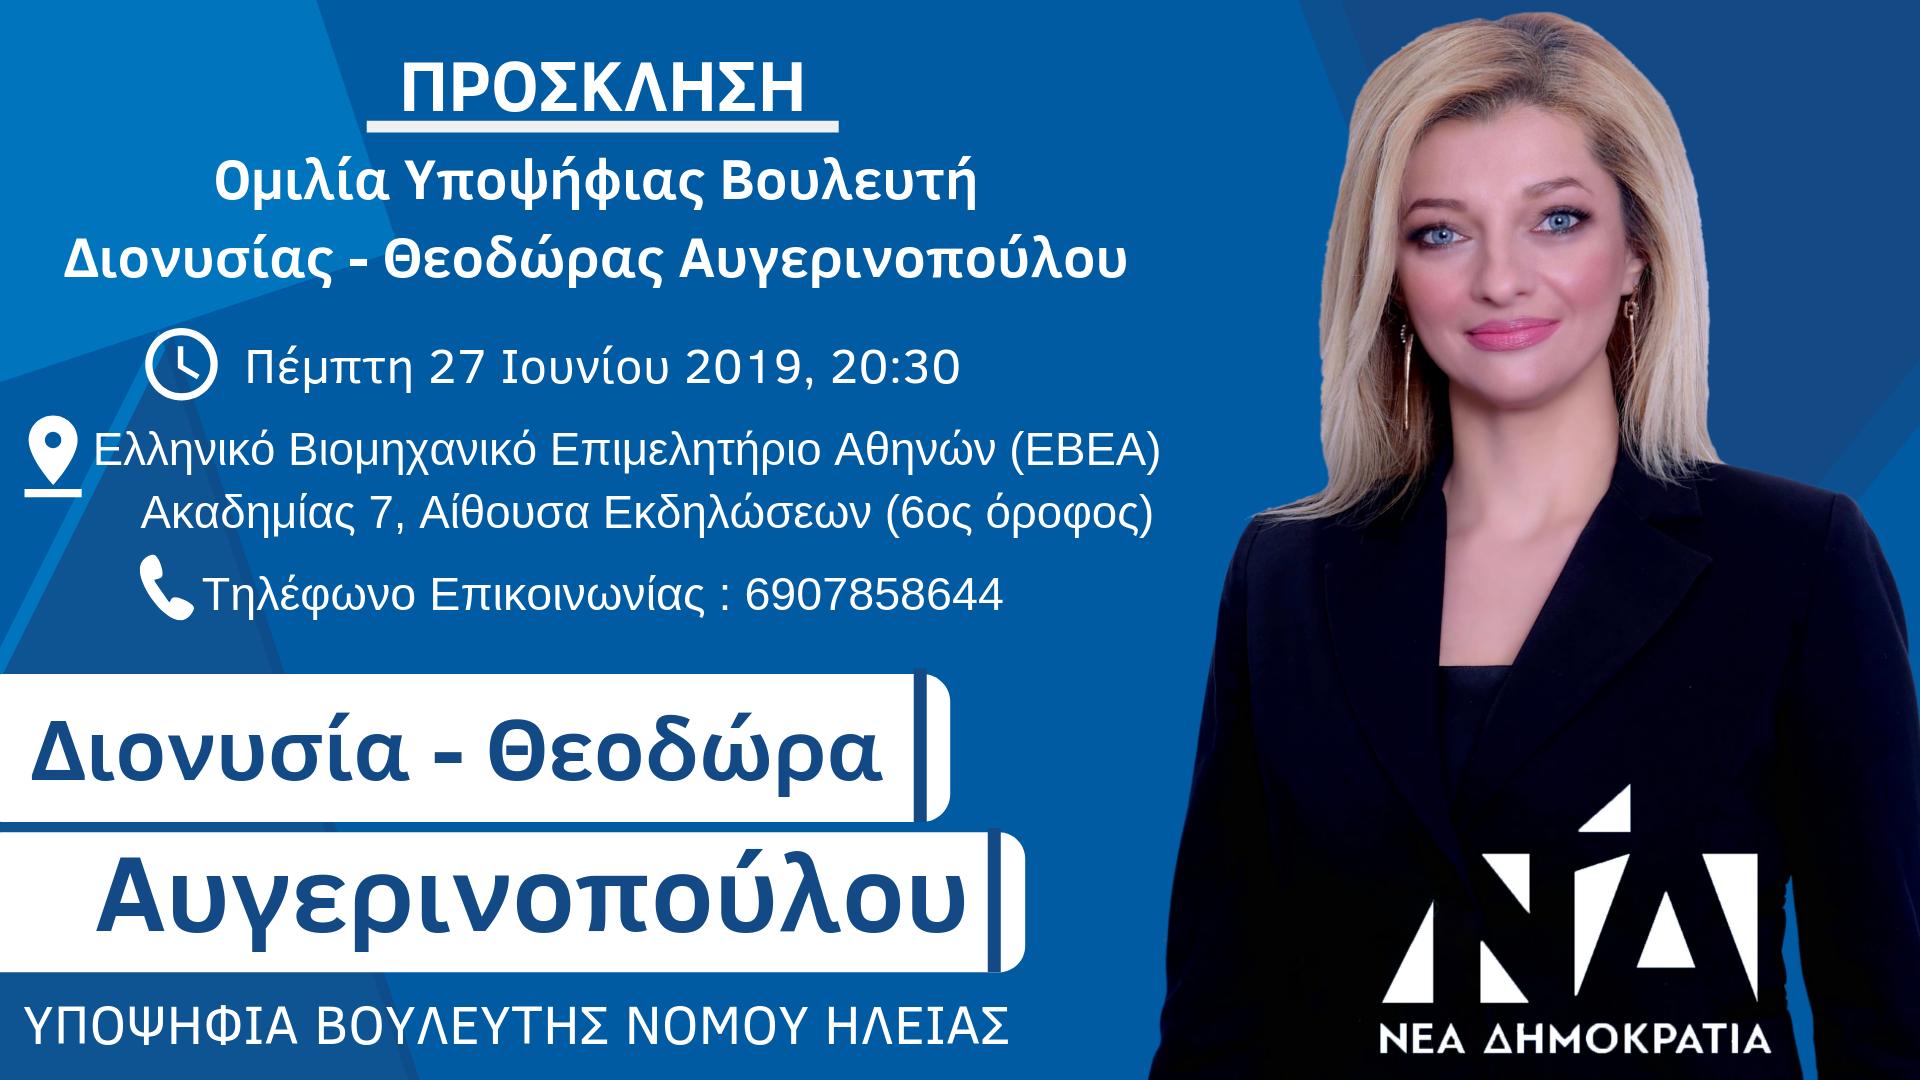 Διονυσία -Θεοδώρα Αυγερινοπούλου: Προεκλογική ομιλία στην Αθήνα την Πέμπτη 27/06 στην αίθουσα εκδηλώσεων του ΕΒΕΑ